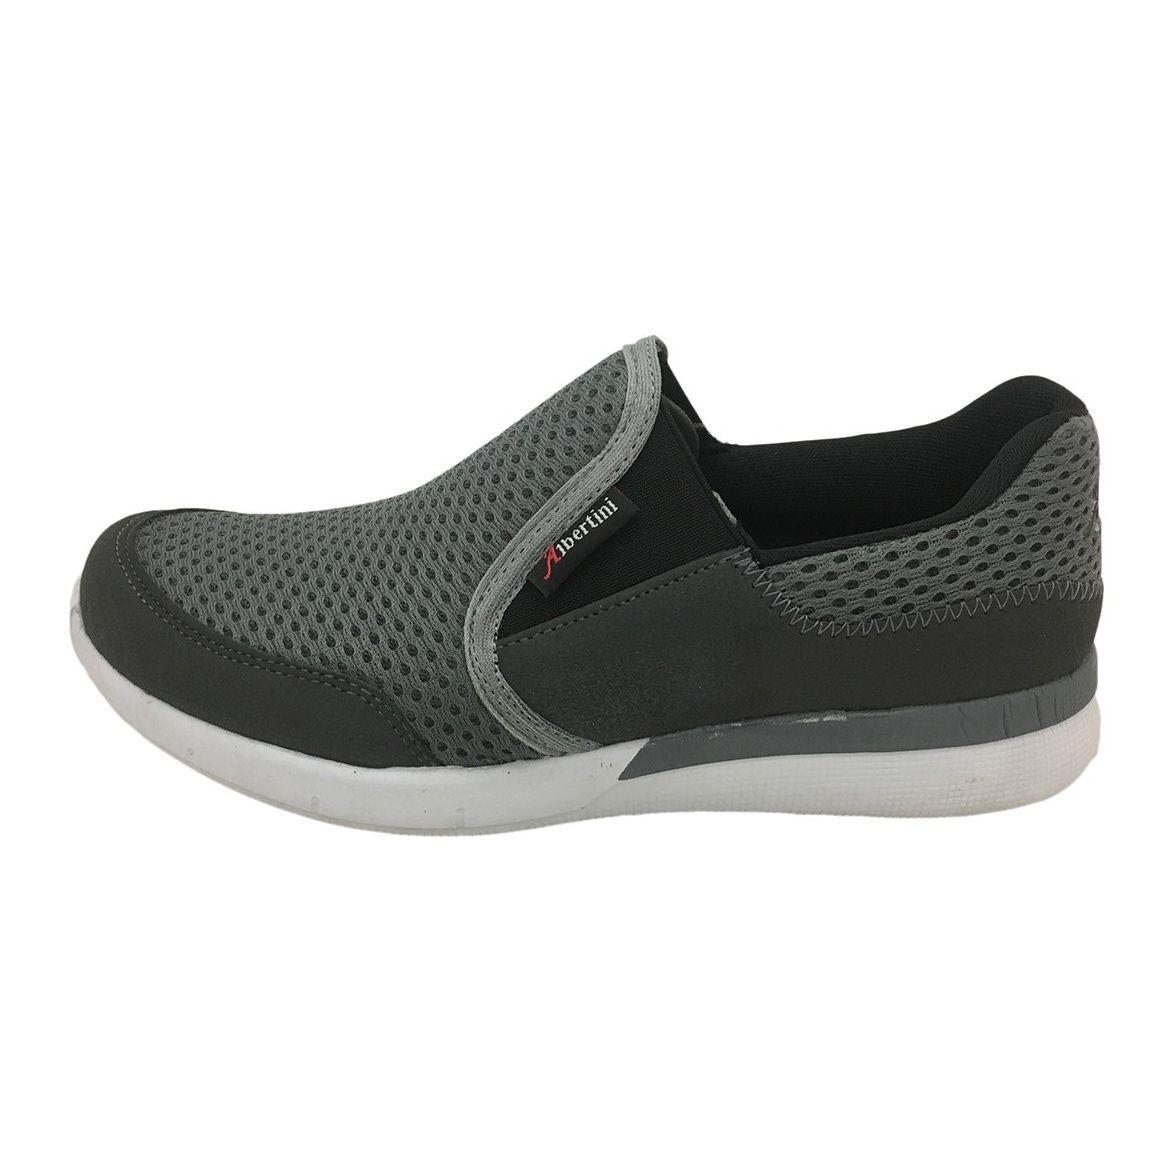 کفش مخصوص پیاده روی زنانه آلبرتینی مدل 1184 -  - 1